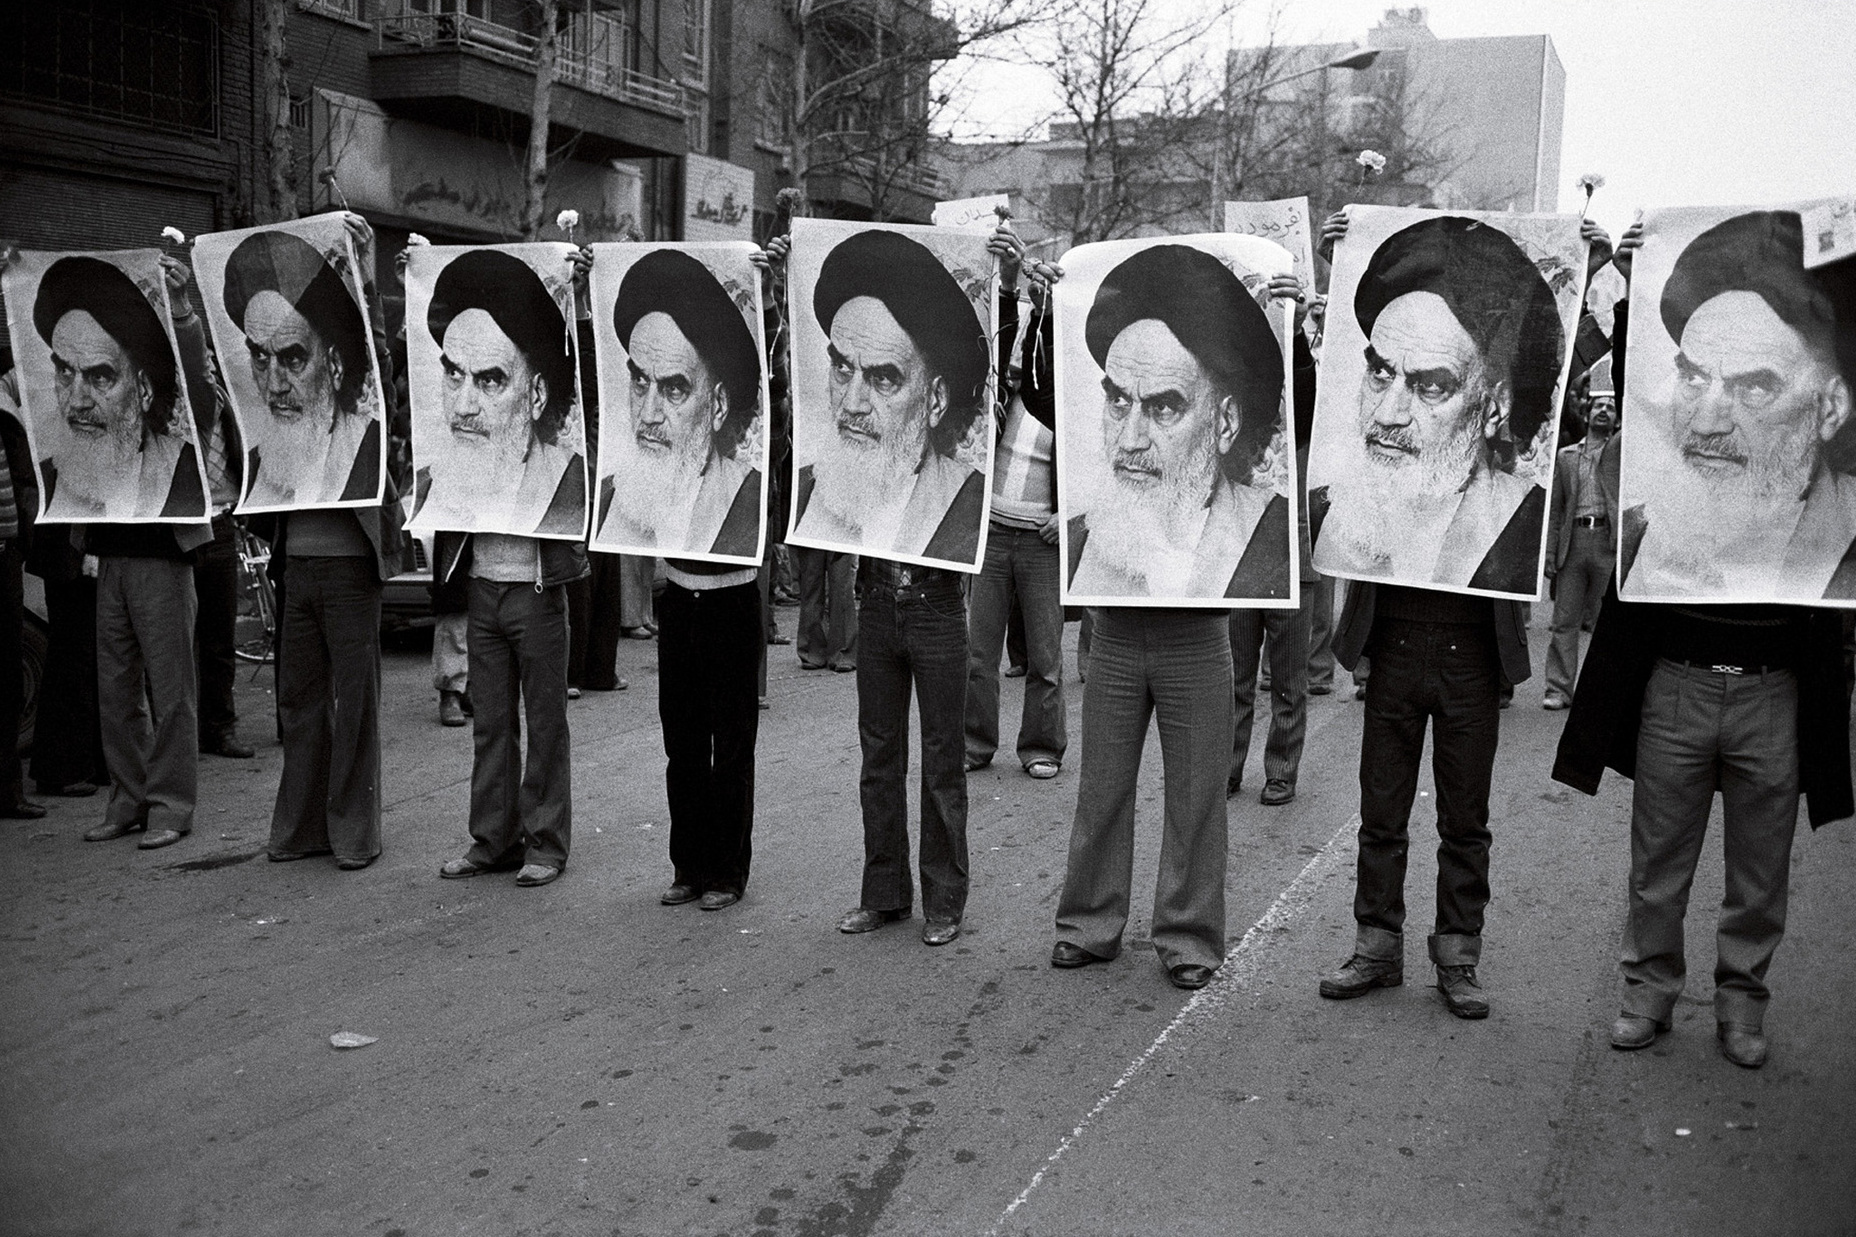 Íránská revoluce: řada mužů s obrázkem ajatolláha Chomejního (1978)